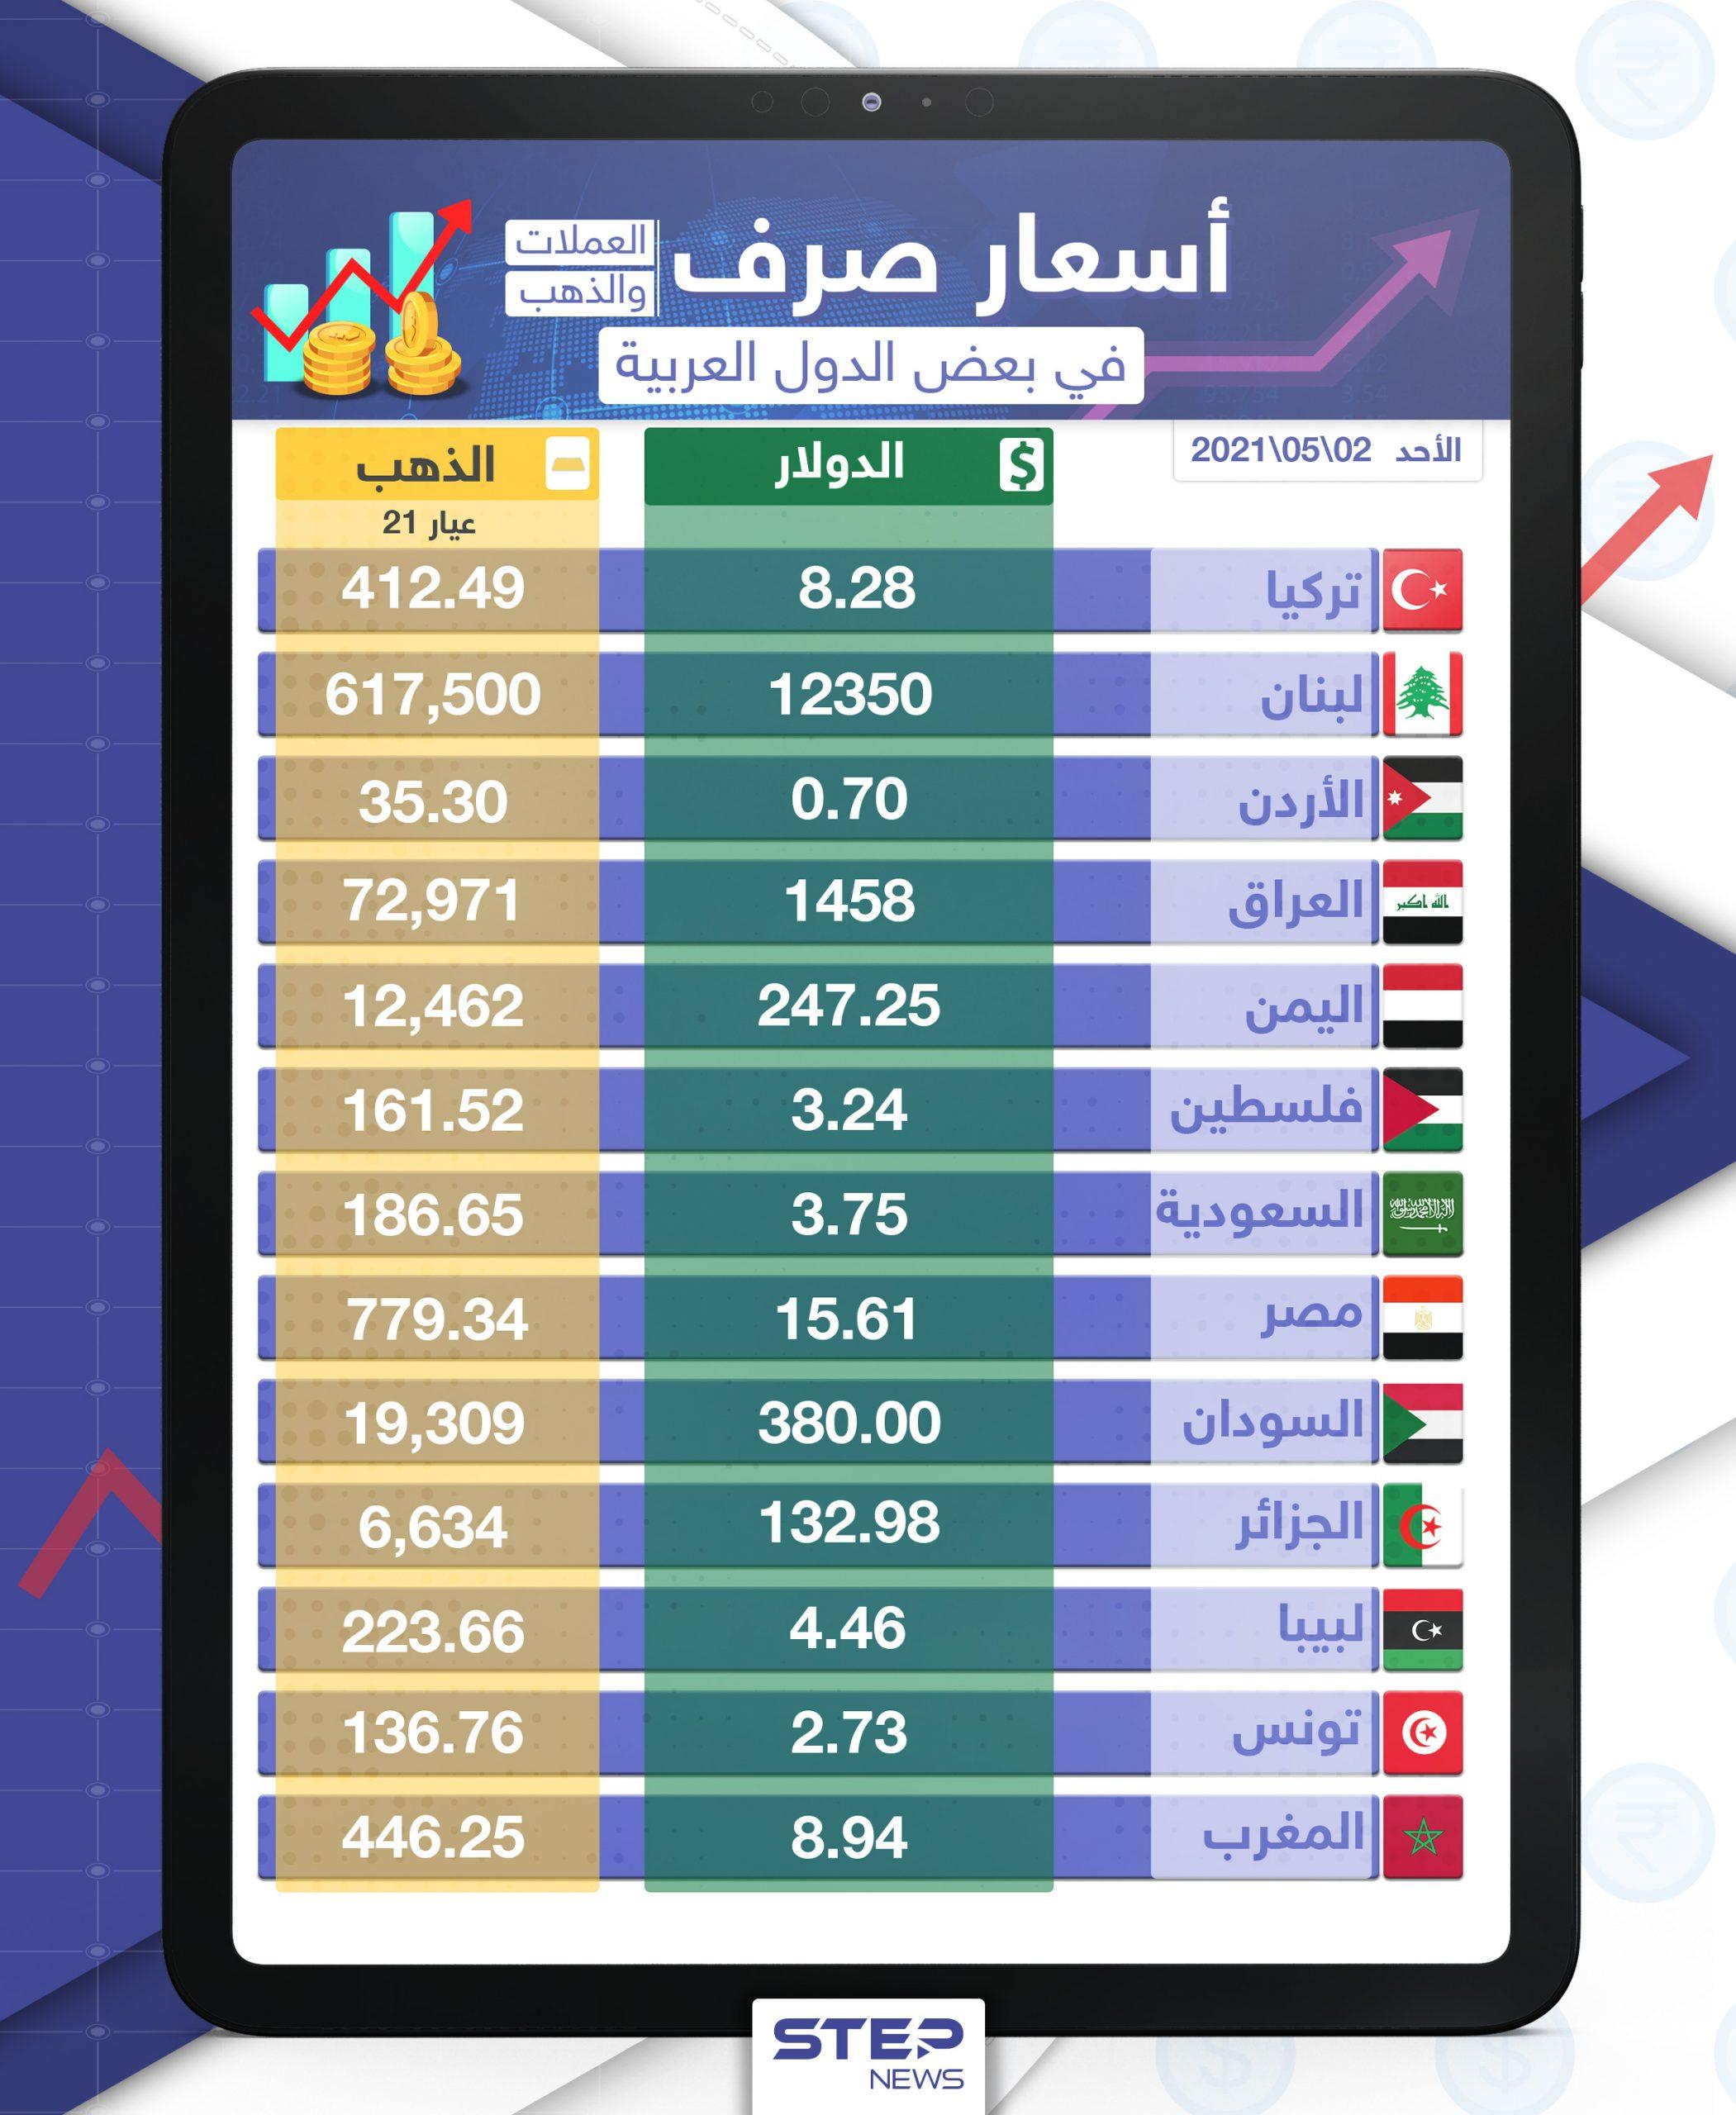 أسعار الذهب والعملات للدول العربية وتركيا اليوم الأحد الموافق 02 أيار 2021